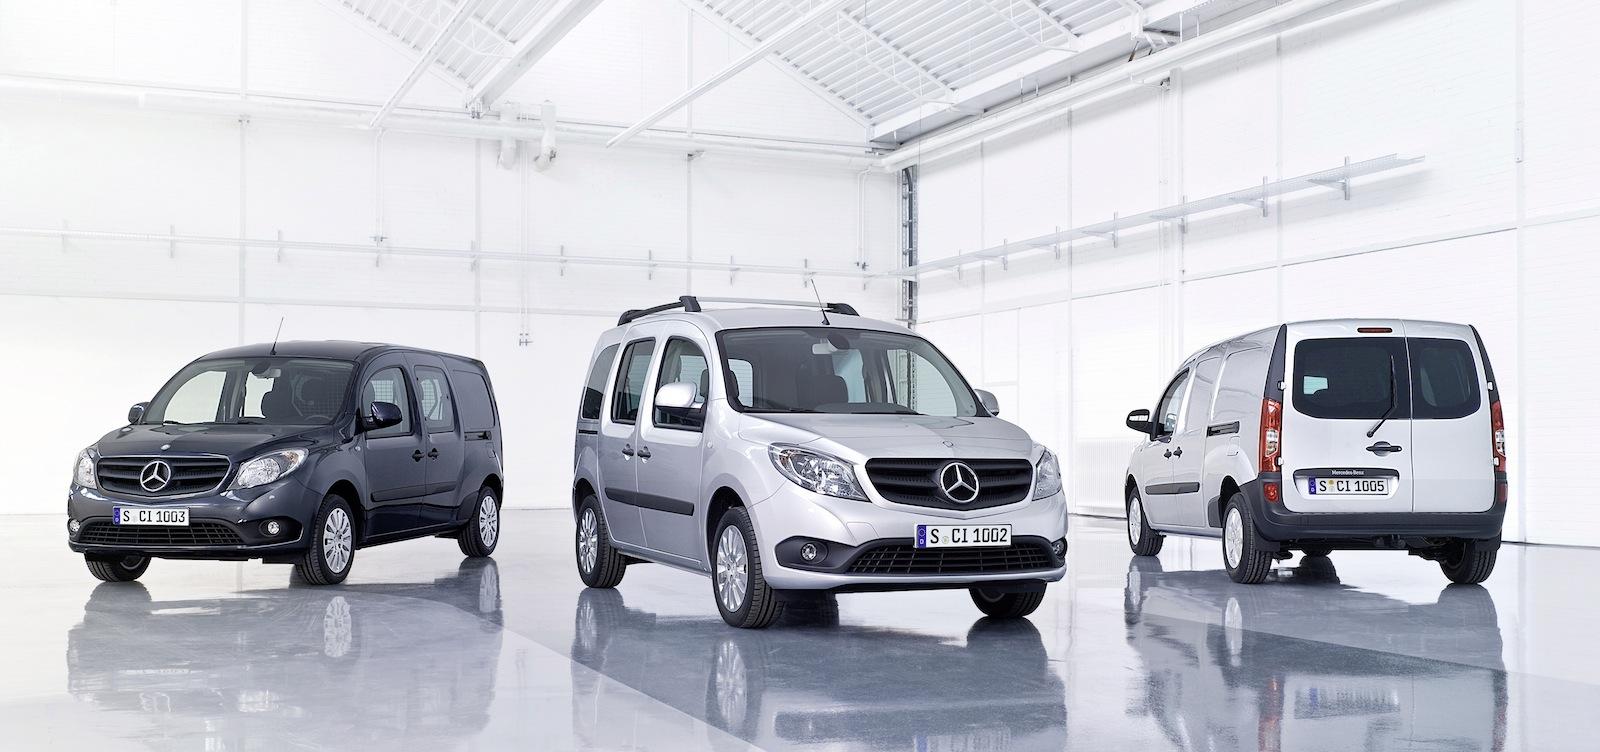 Mercedes Citan Tuning >> Motor a Fondo - Coches y noticias del mundo del motor